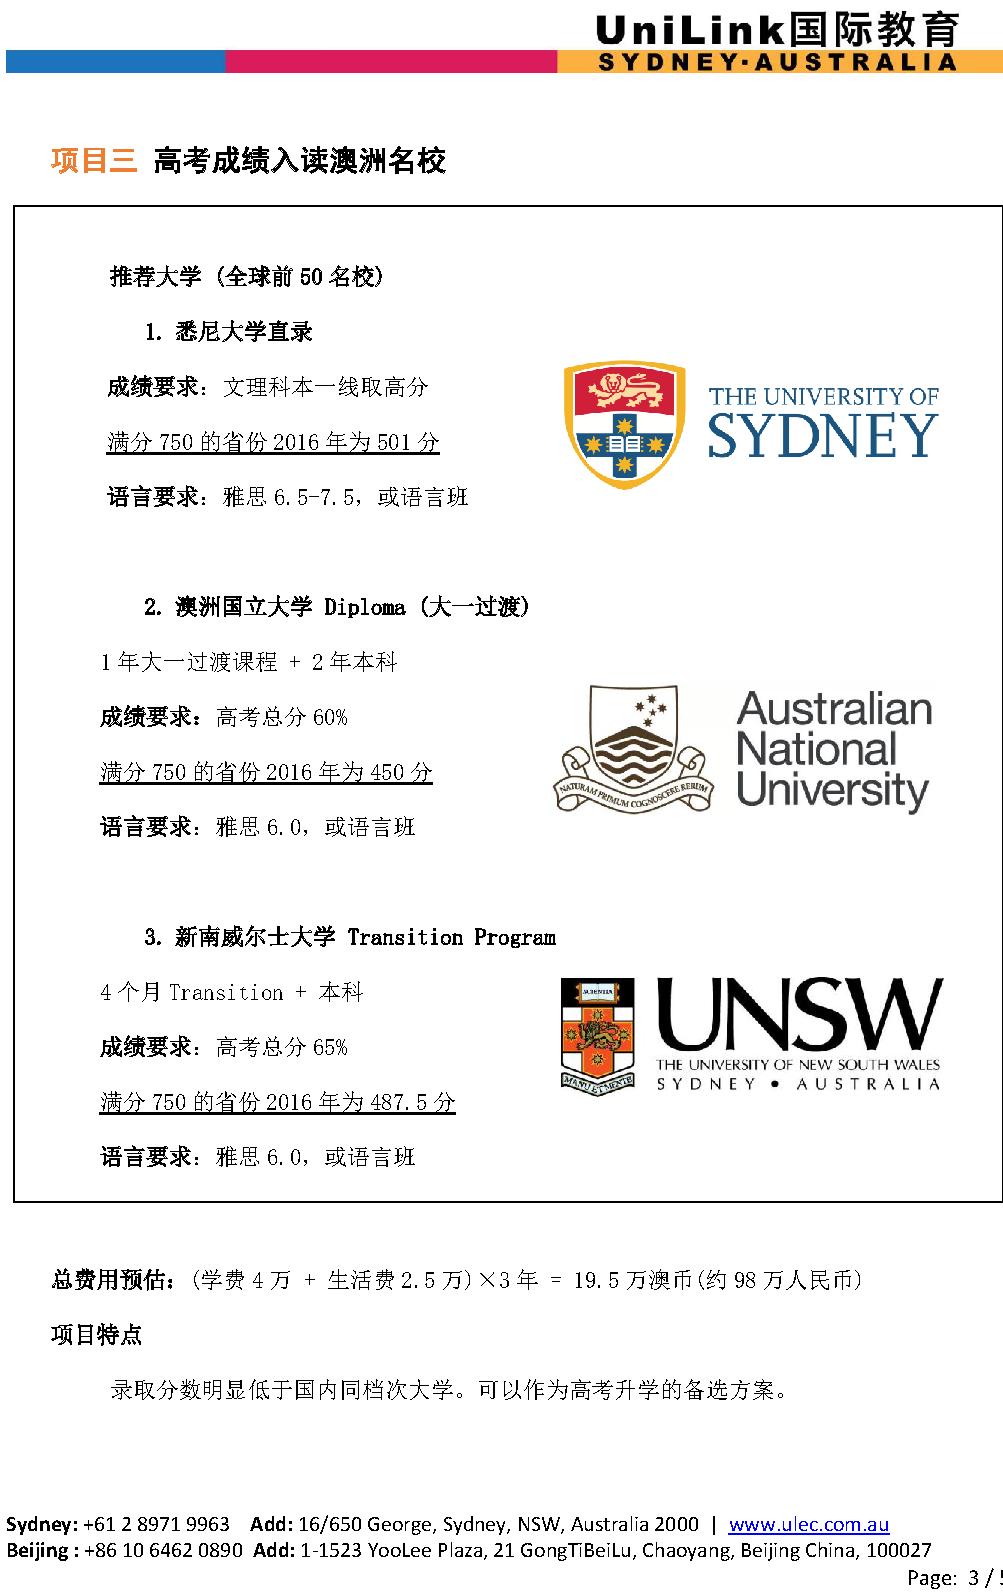 澳大利亚本科留学项目简介_Page_3